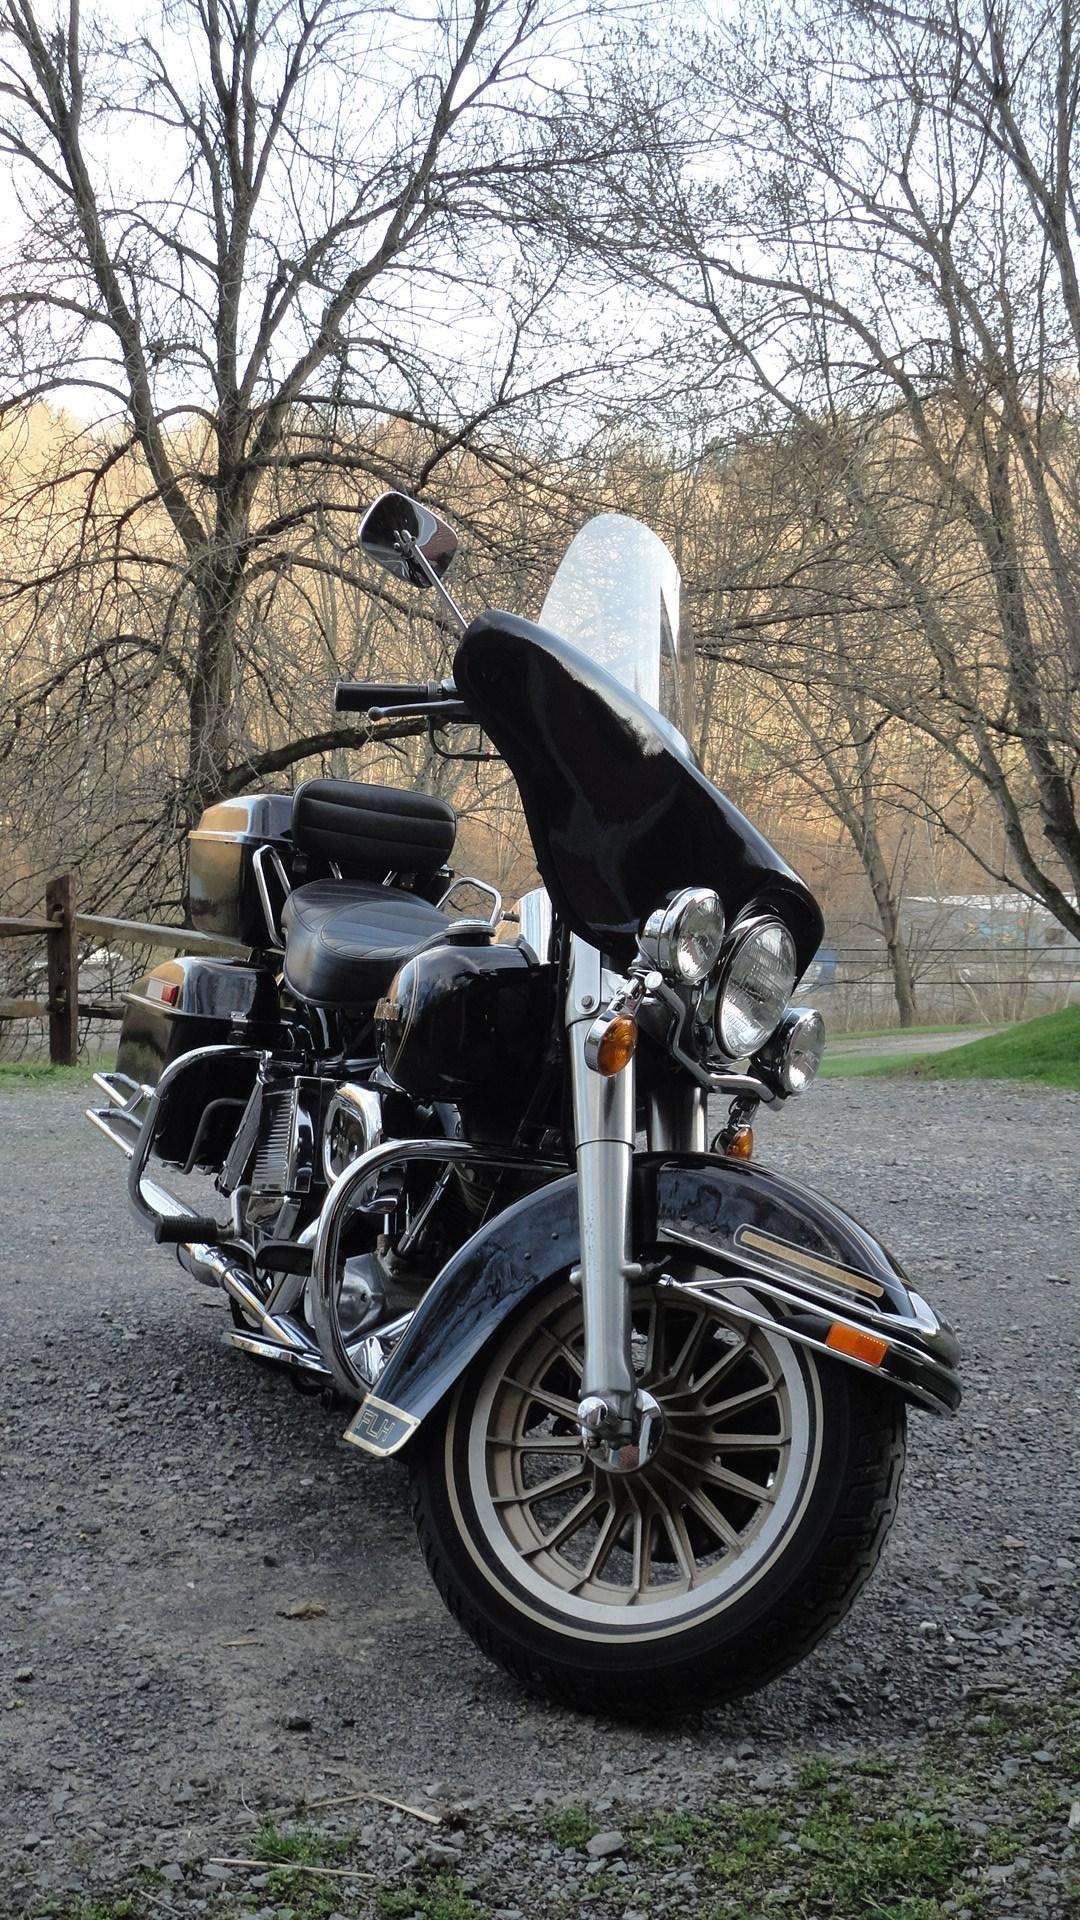 Harley Davidson For Sale In Wv